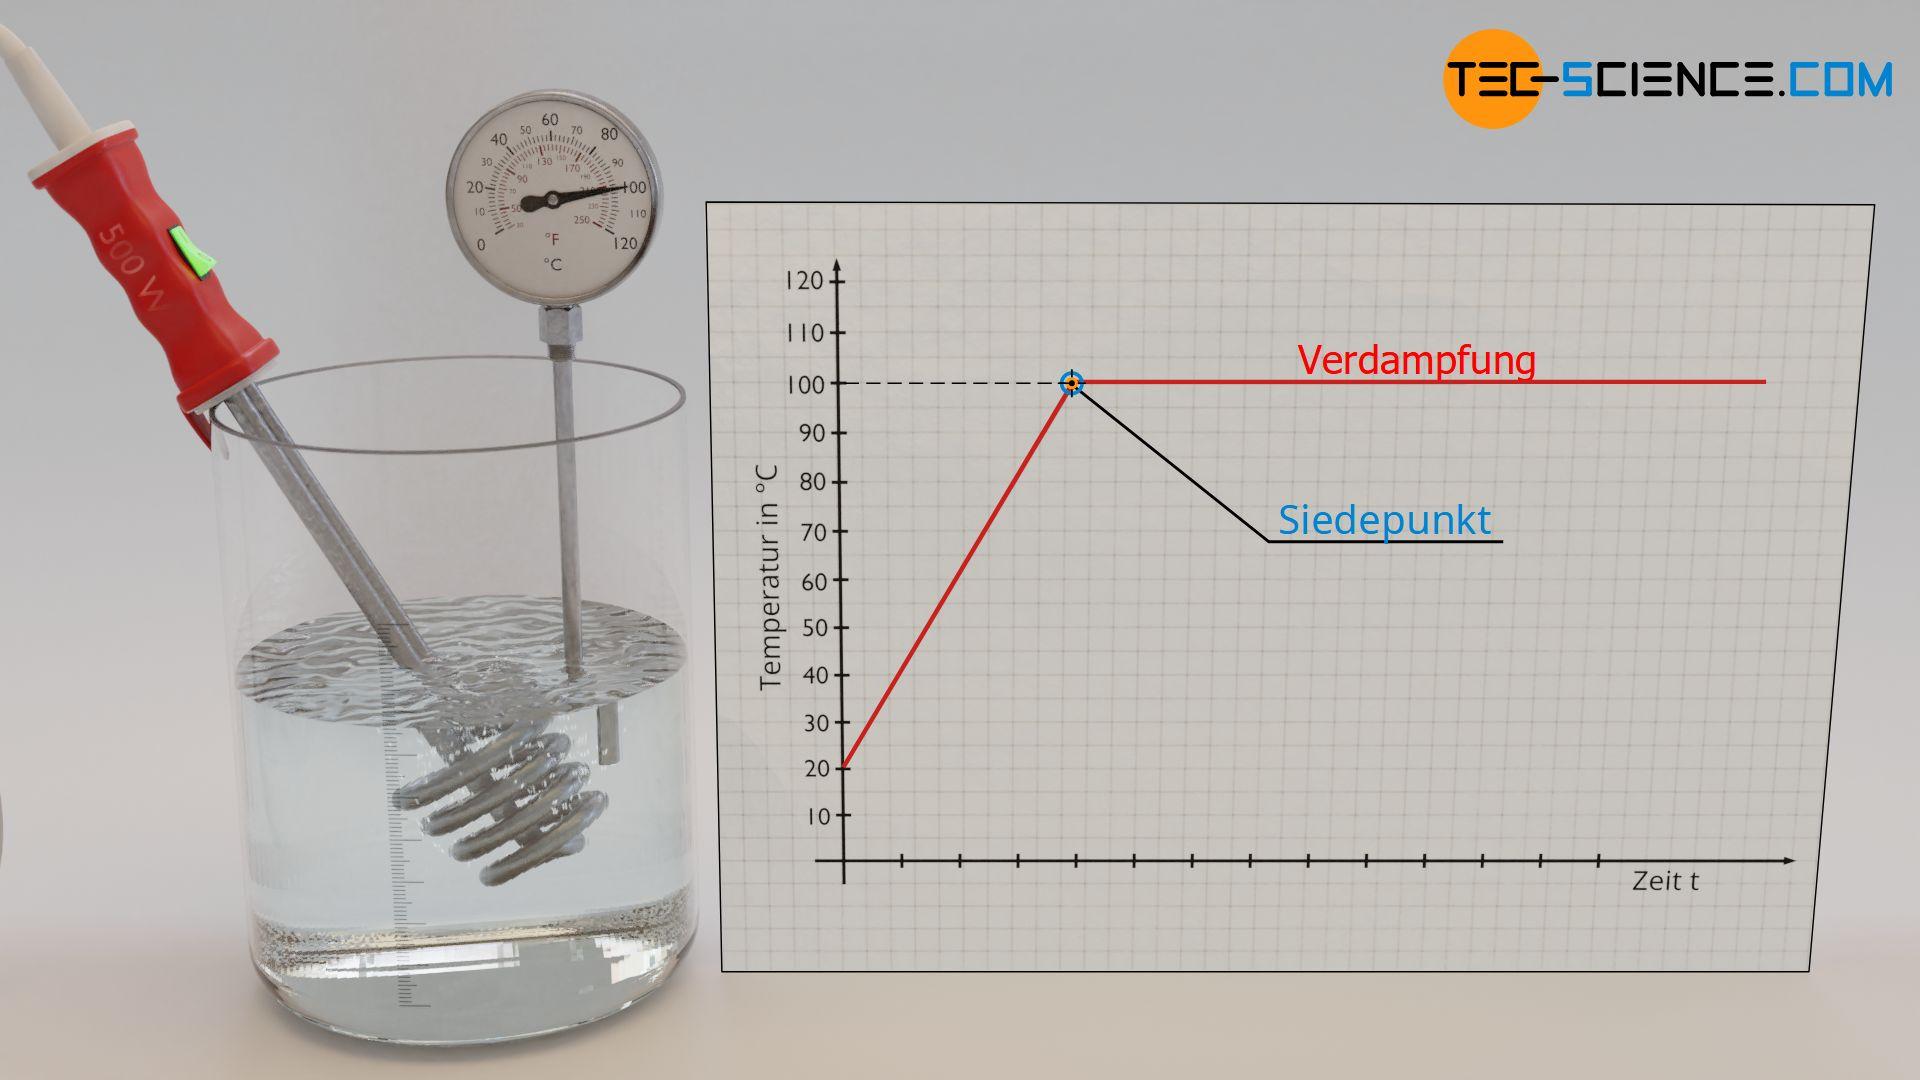 Temperatur in Abhängigkeit der Zeit während der Verdampfung